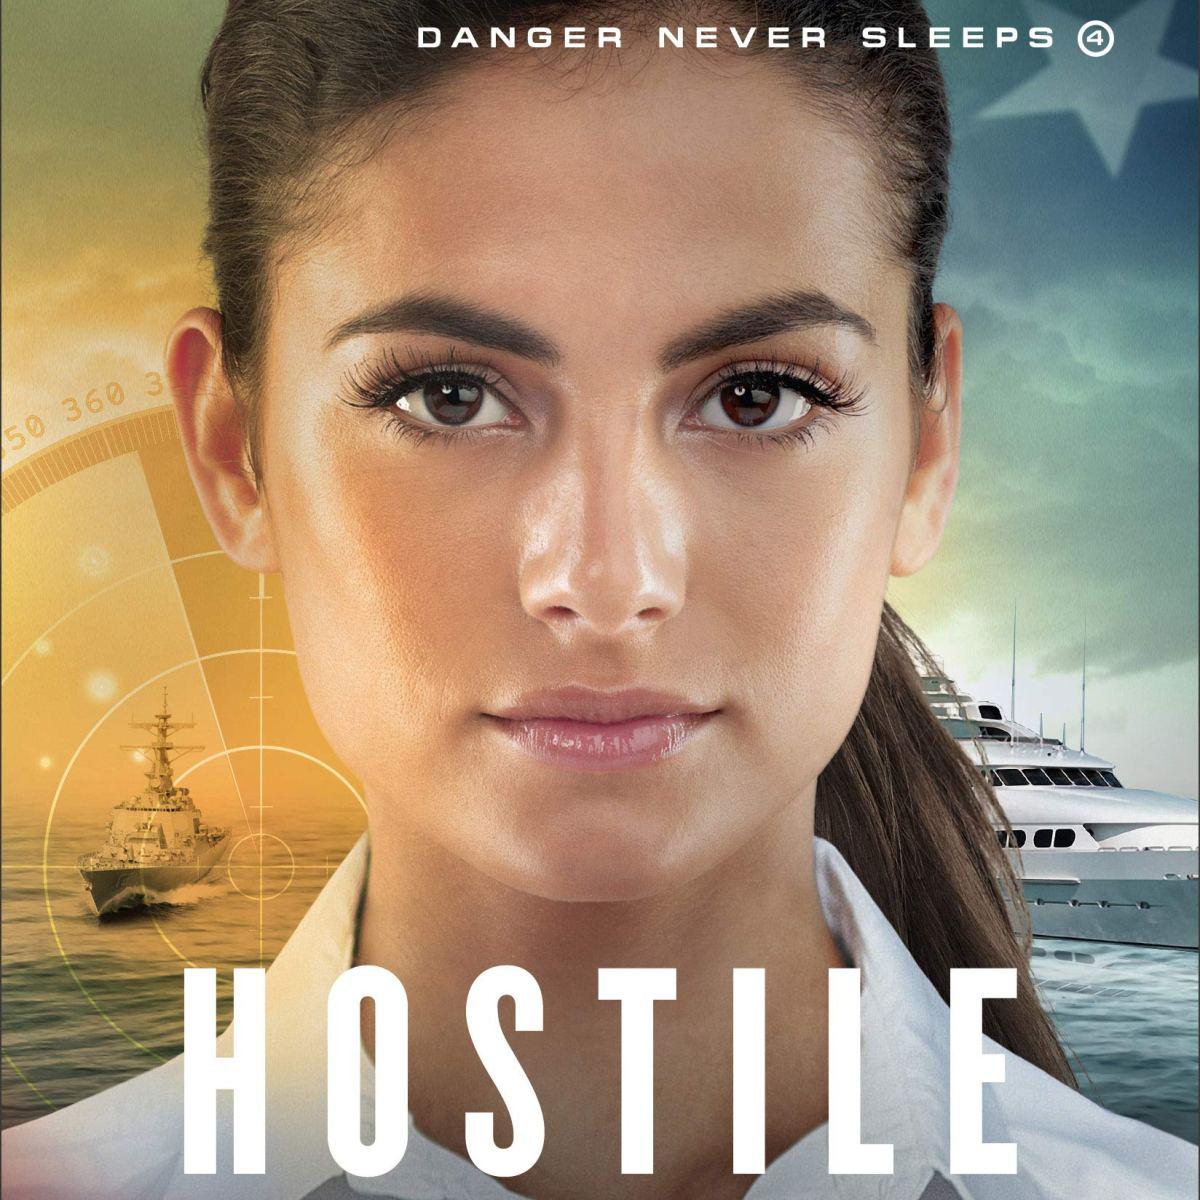 Hostile Intent by Lynette Eason